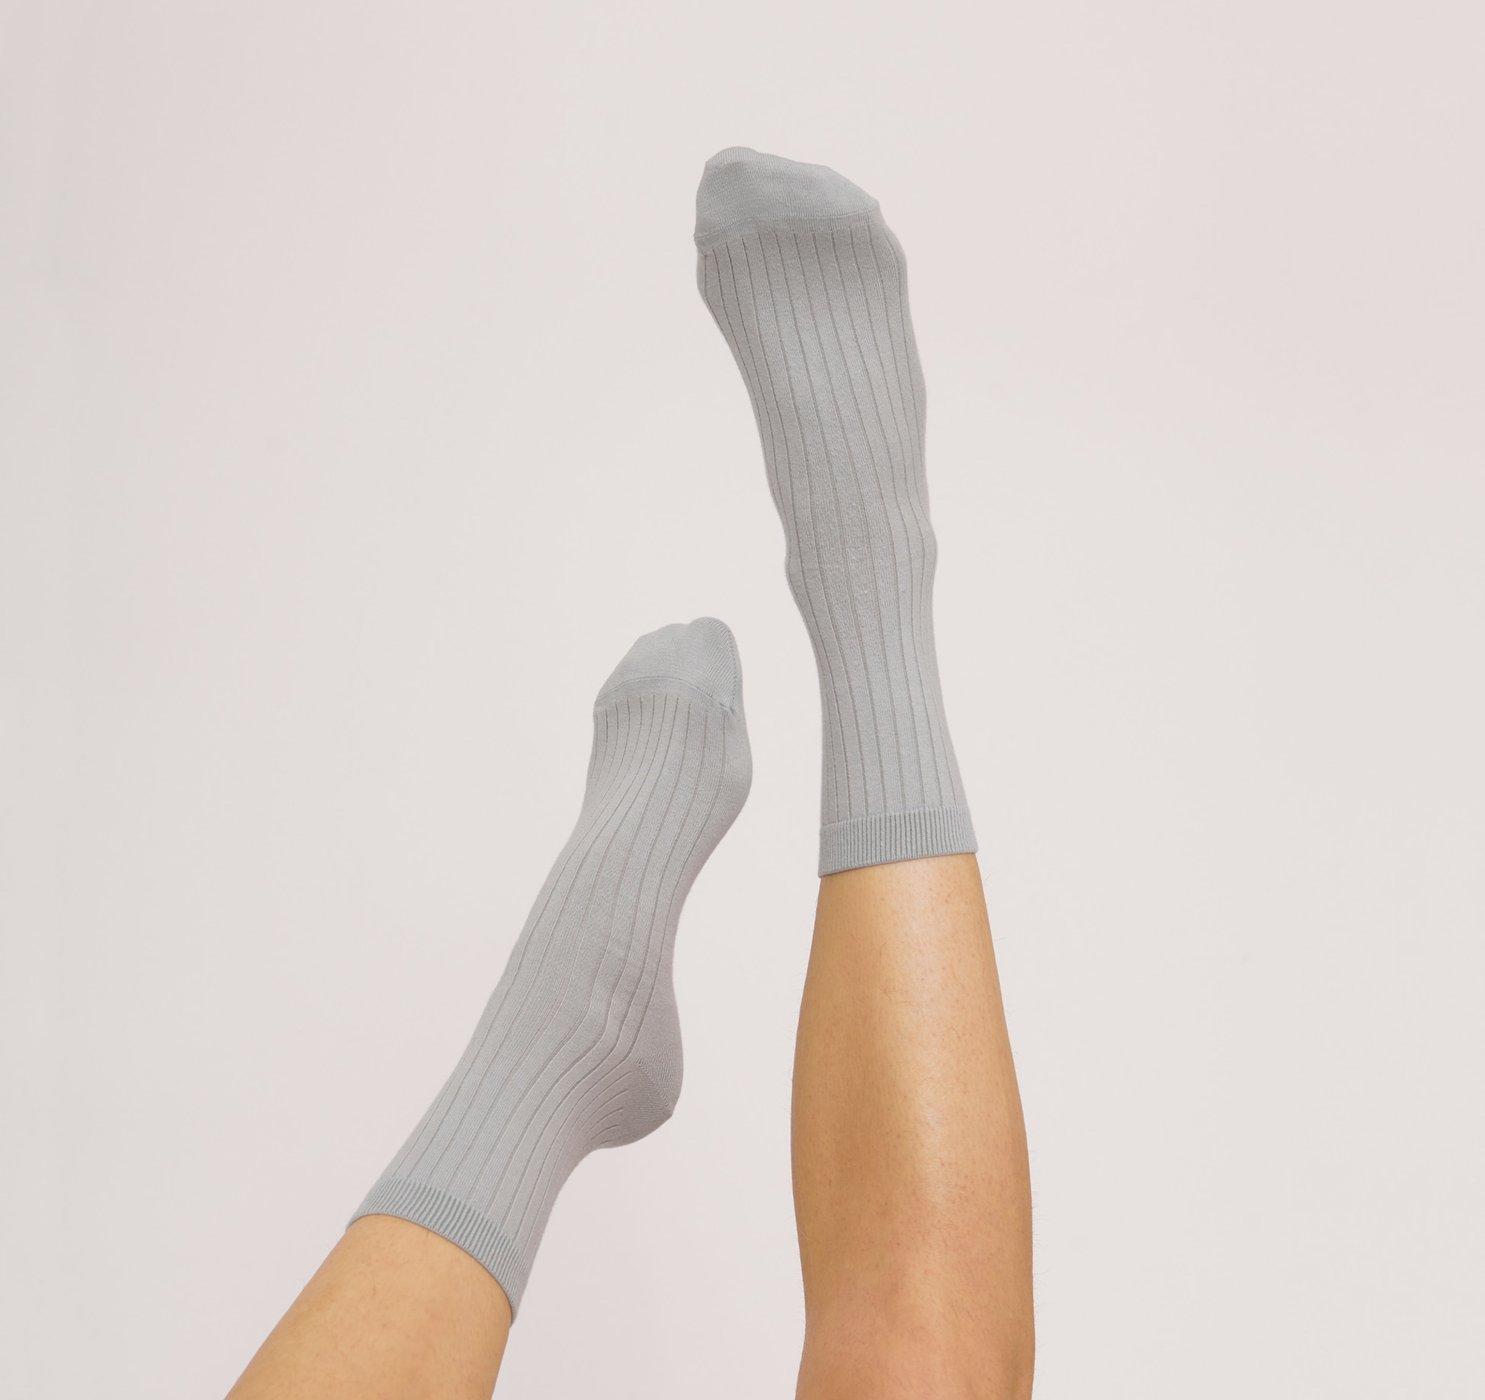 comment s'habiller éthique chaussettes